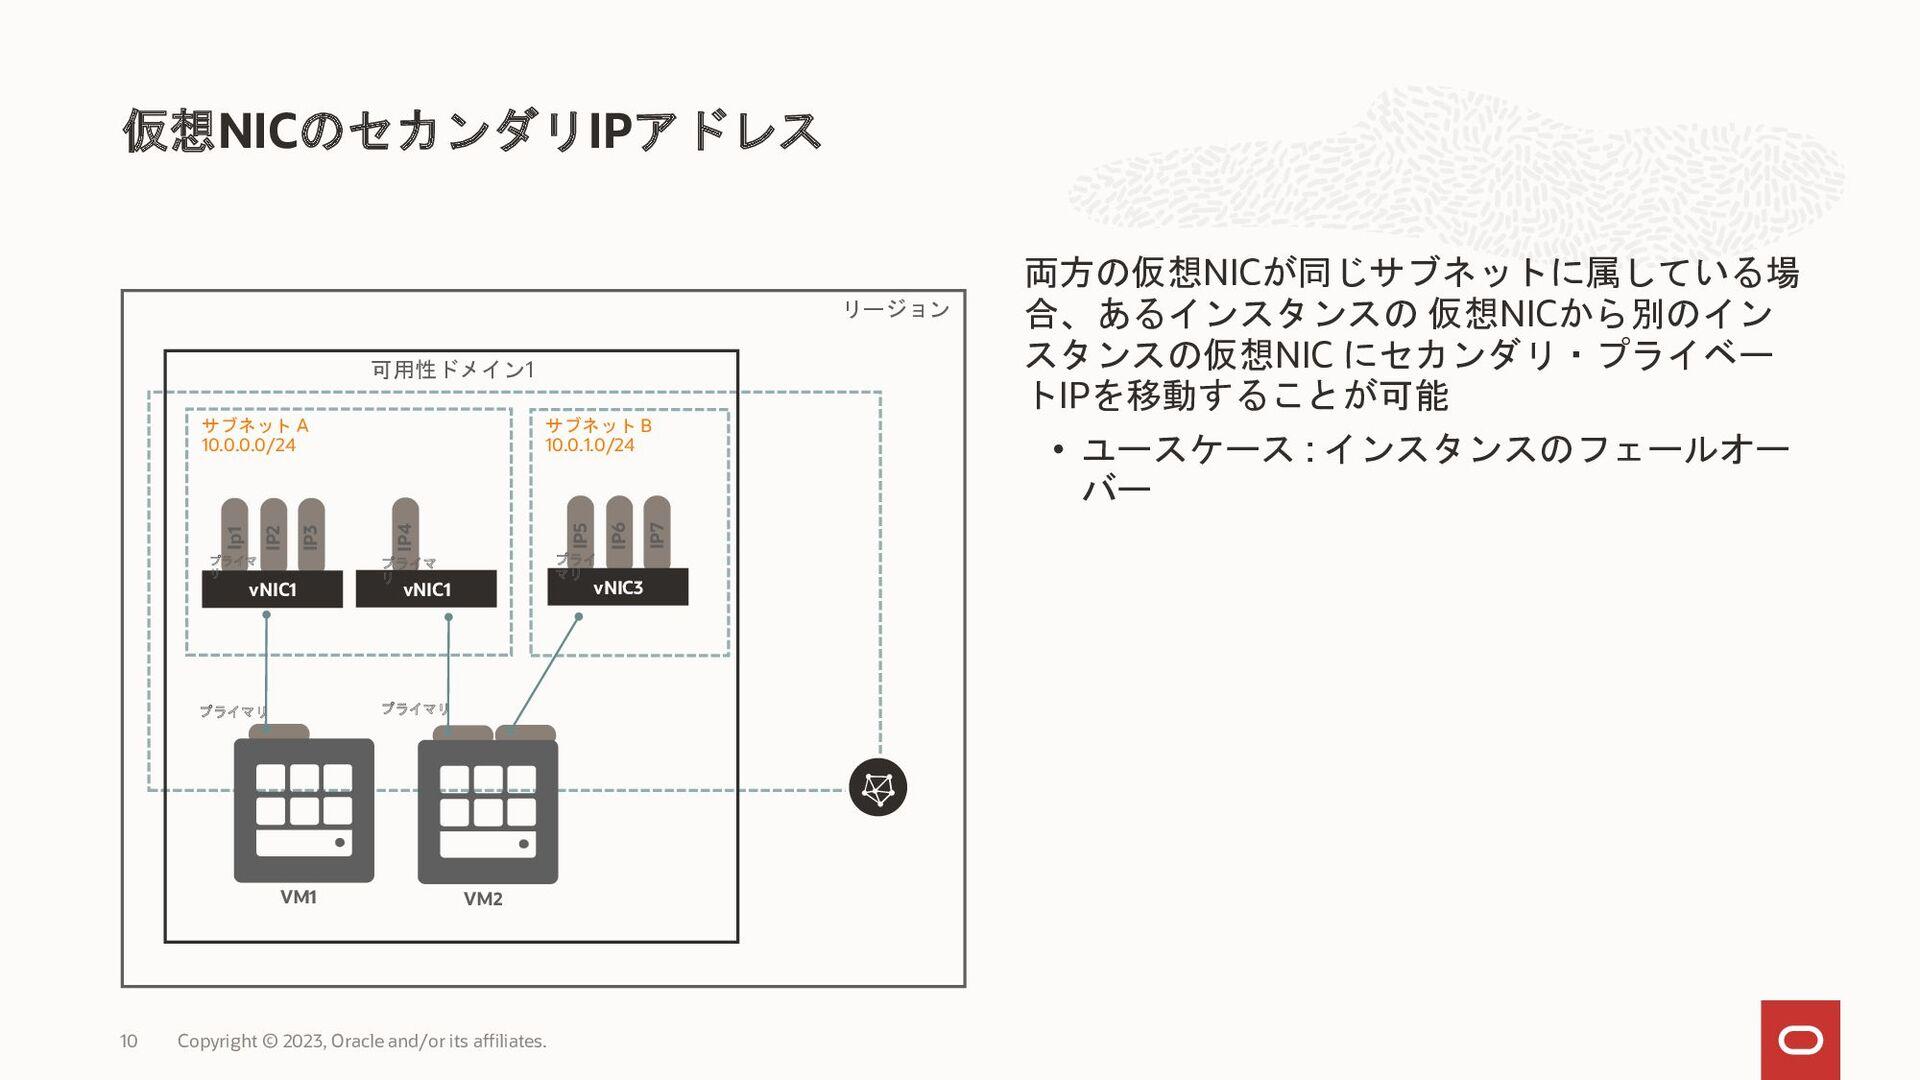 vNIC1 (VM) 1 NIC OS NIC OS • VM1 : NIC1 • VM2 :...